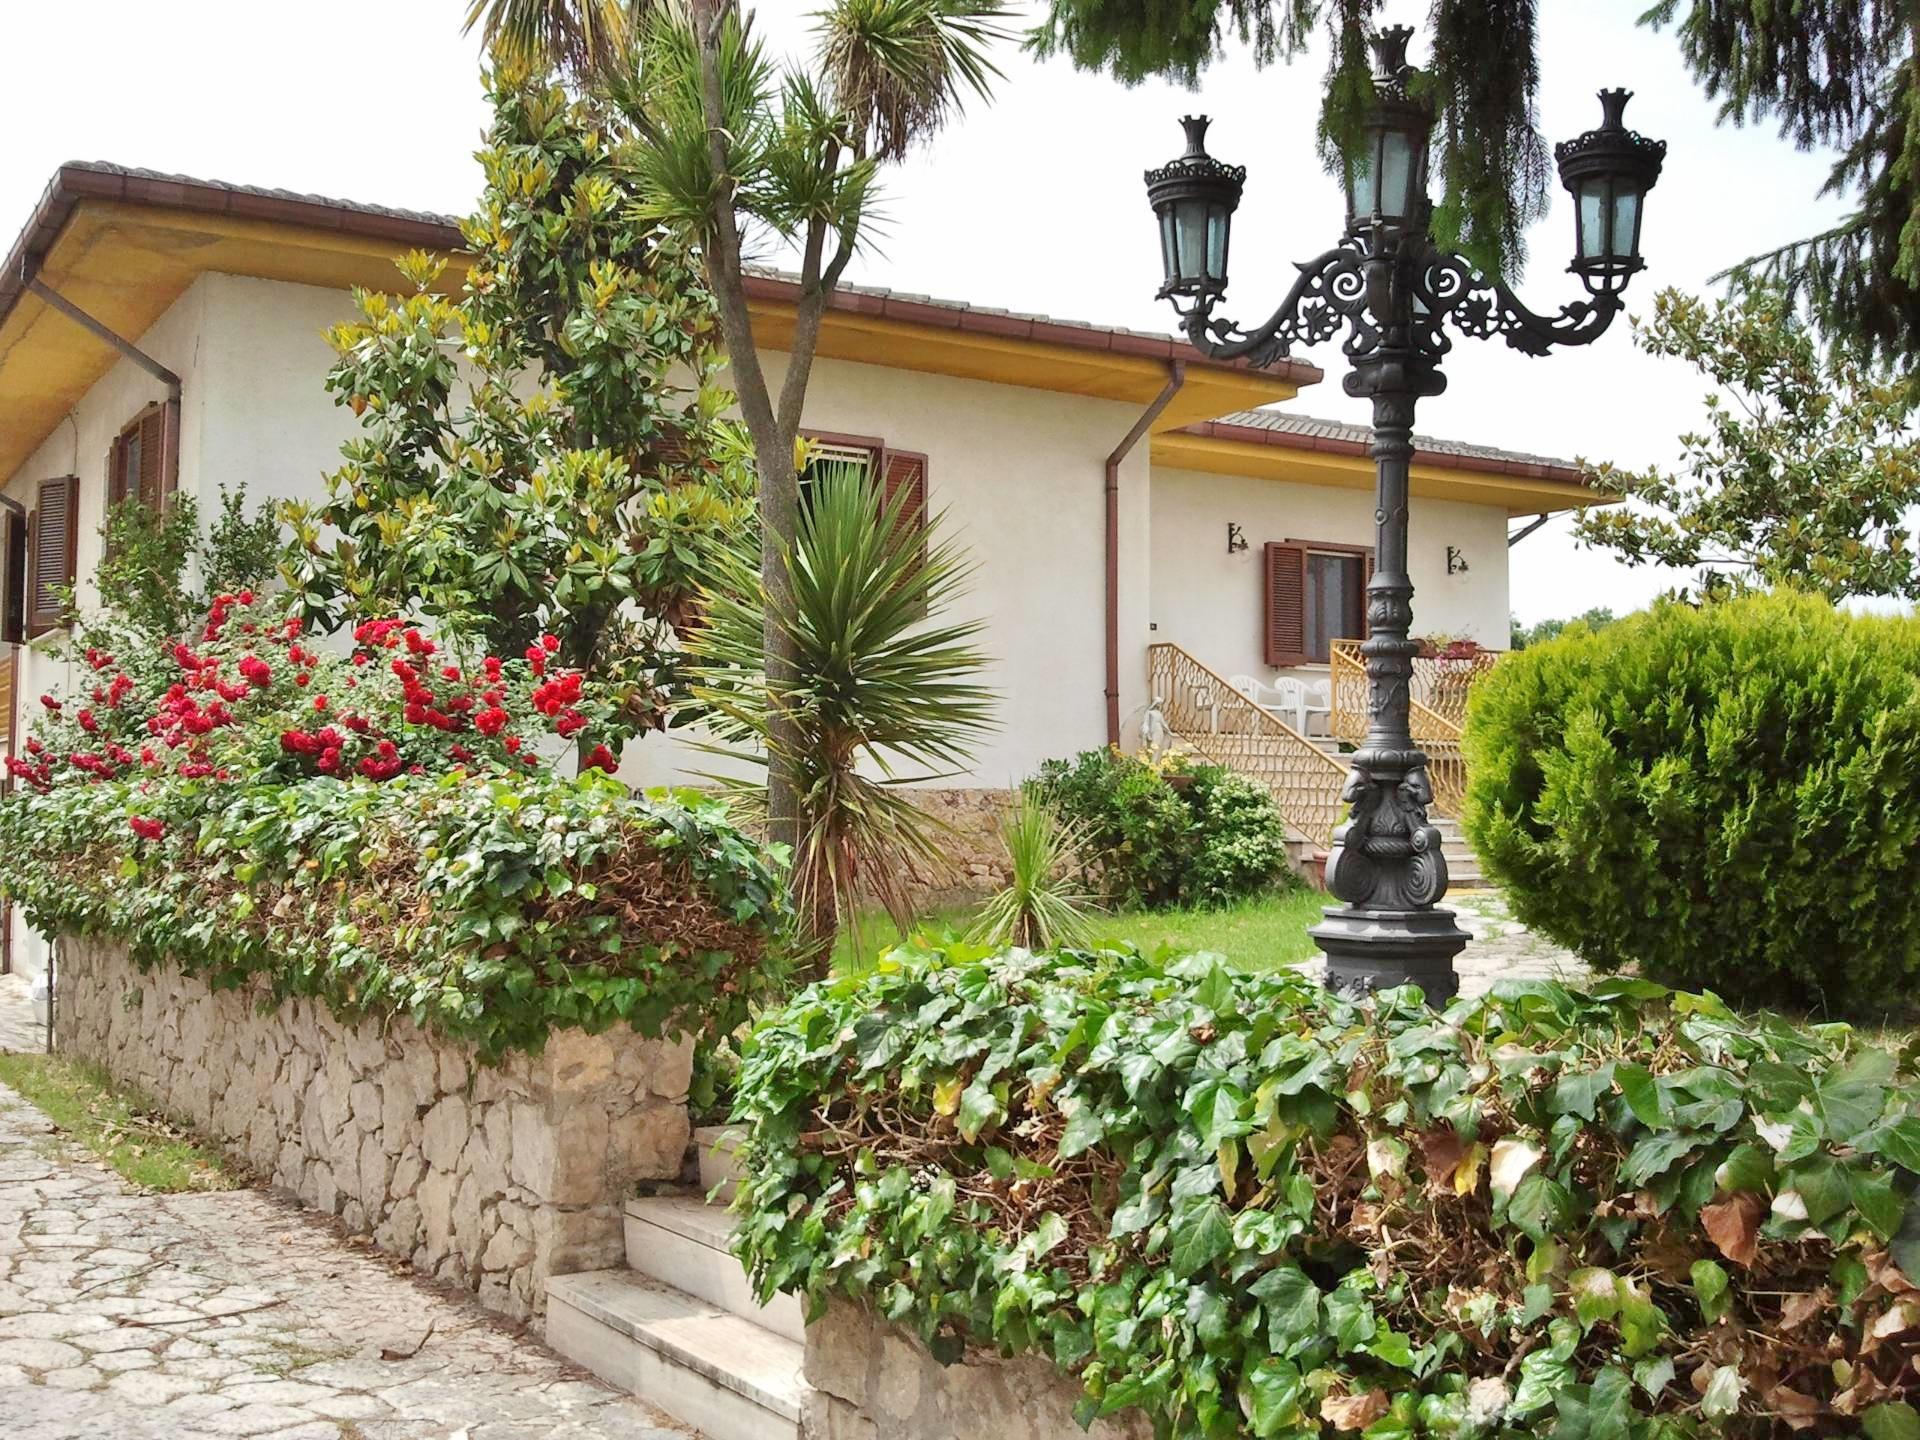 Villa singola con terreno a sturno casagrin case con for Case con 4 camere da letto con seminterrato finito in vendita